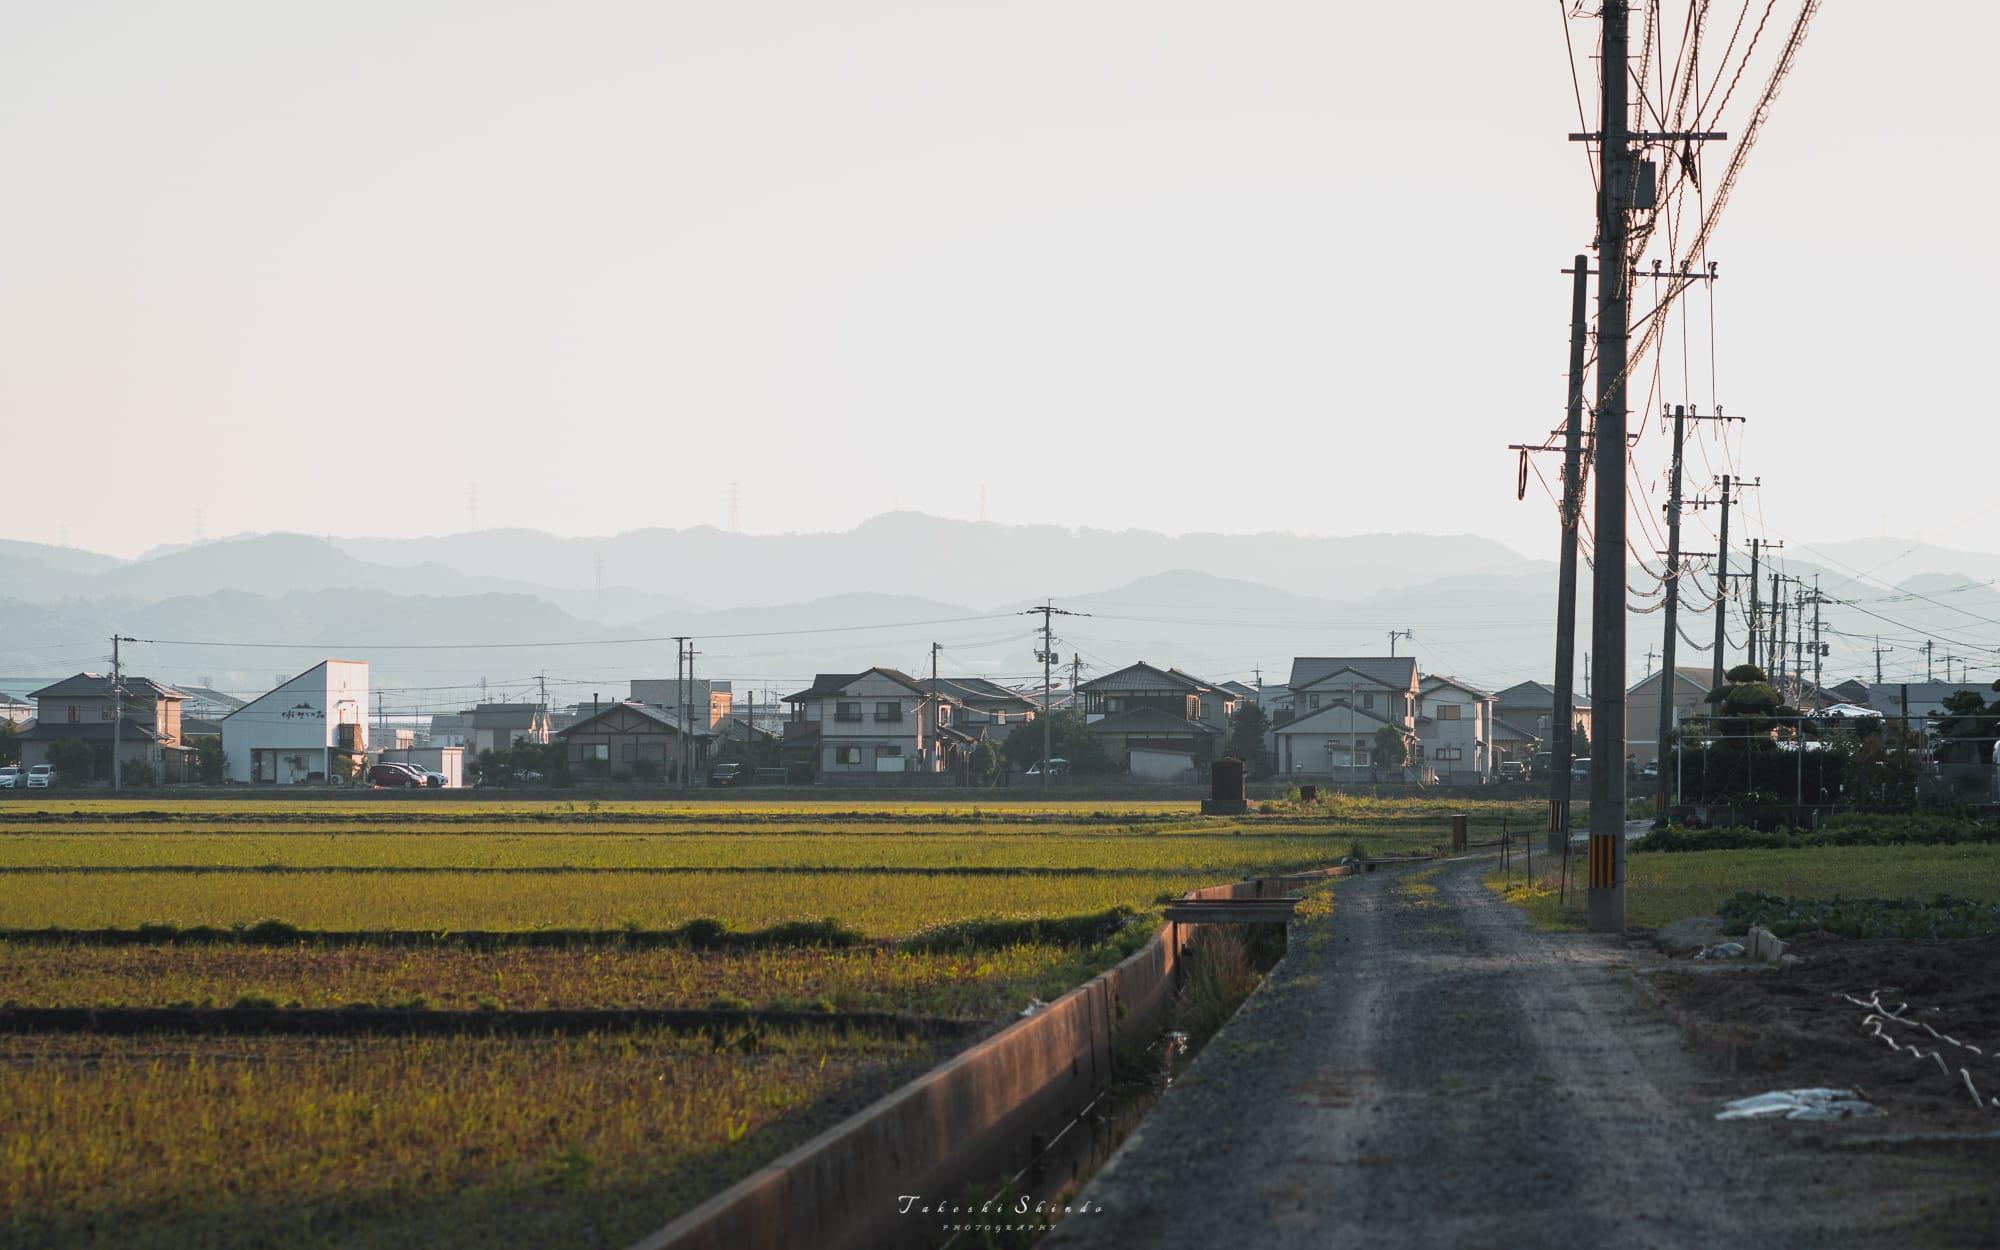 筑肥線沿いの車窓風景